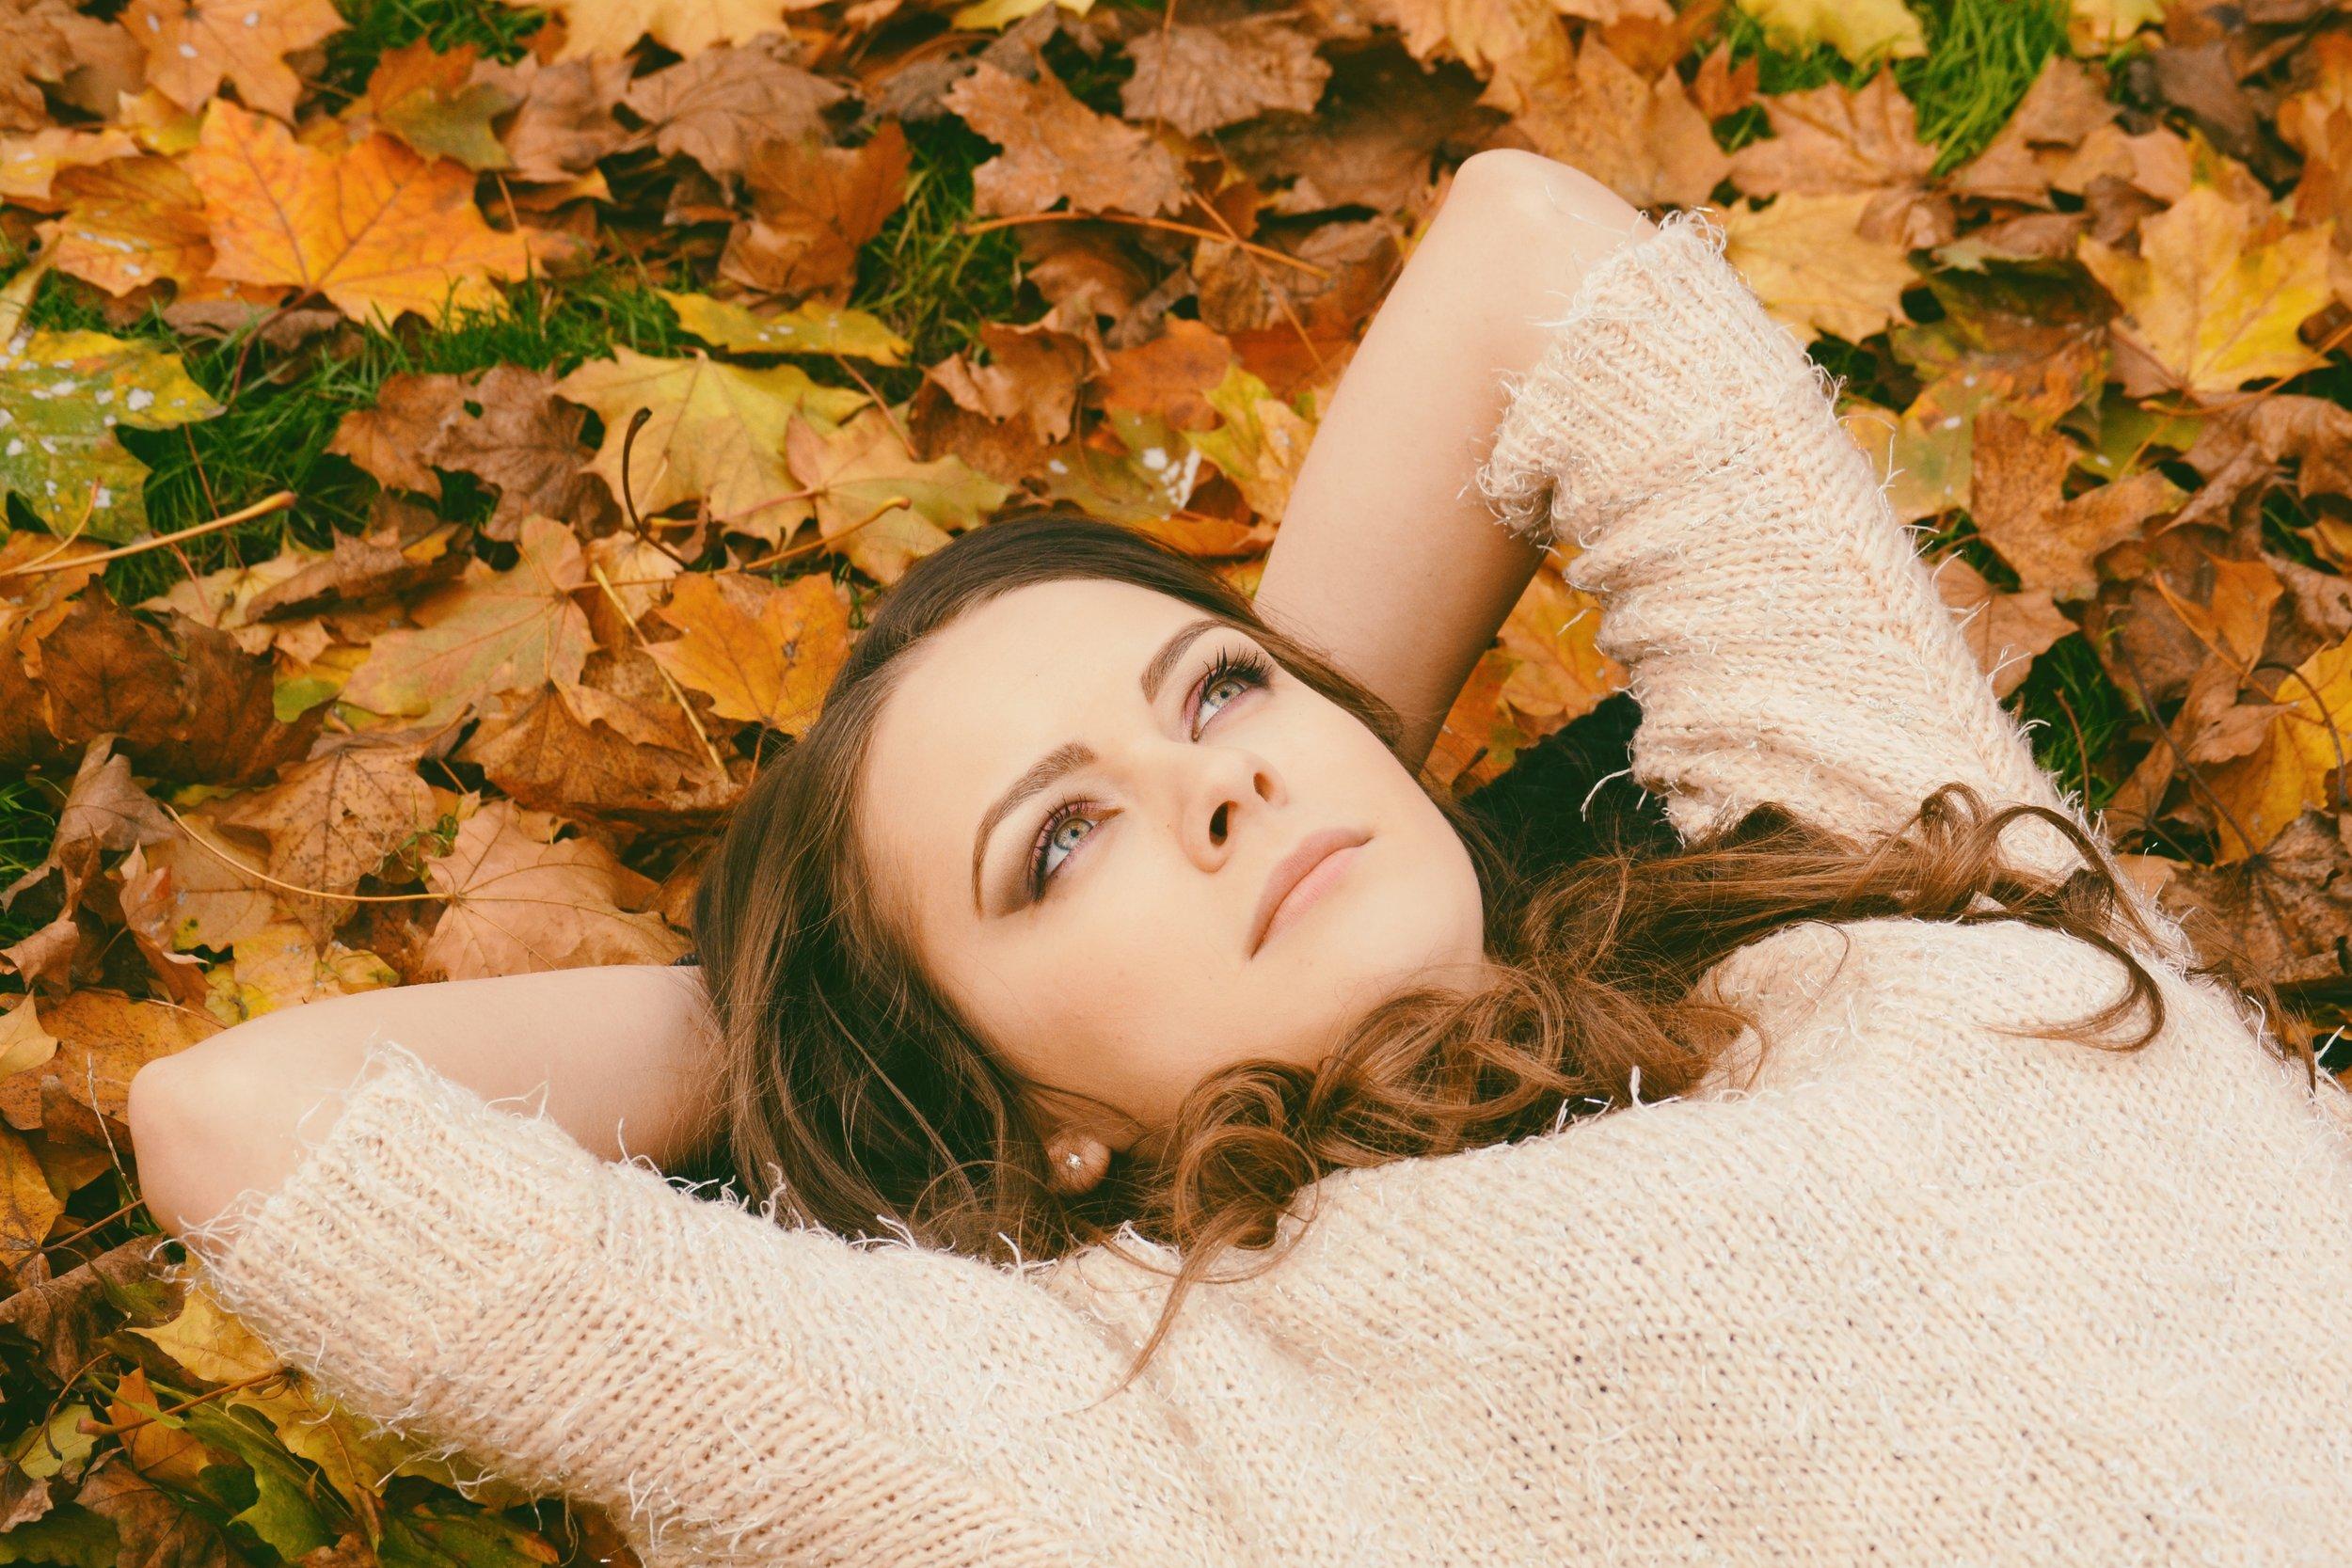 autumn-autumn-leaves-beautiful-694445.jpg